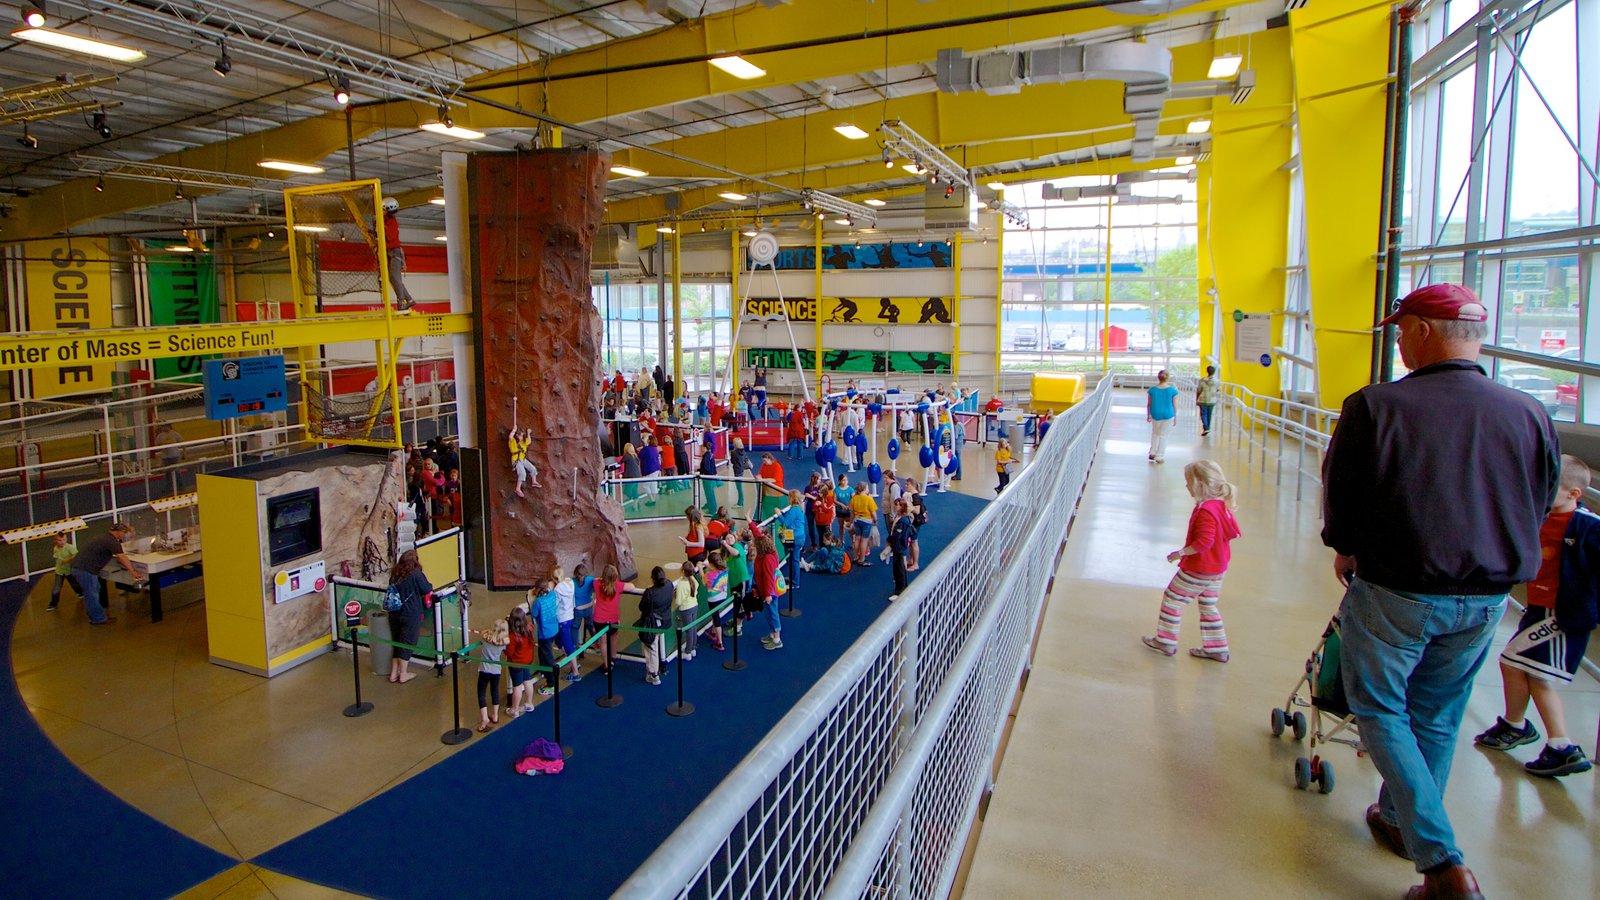 Carnegie Science Center que inclui vistas internas e escalada assim como uma família